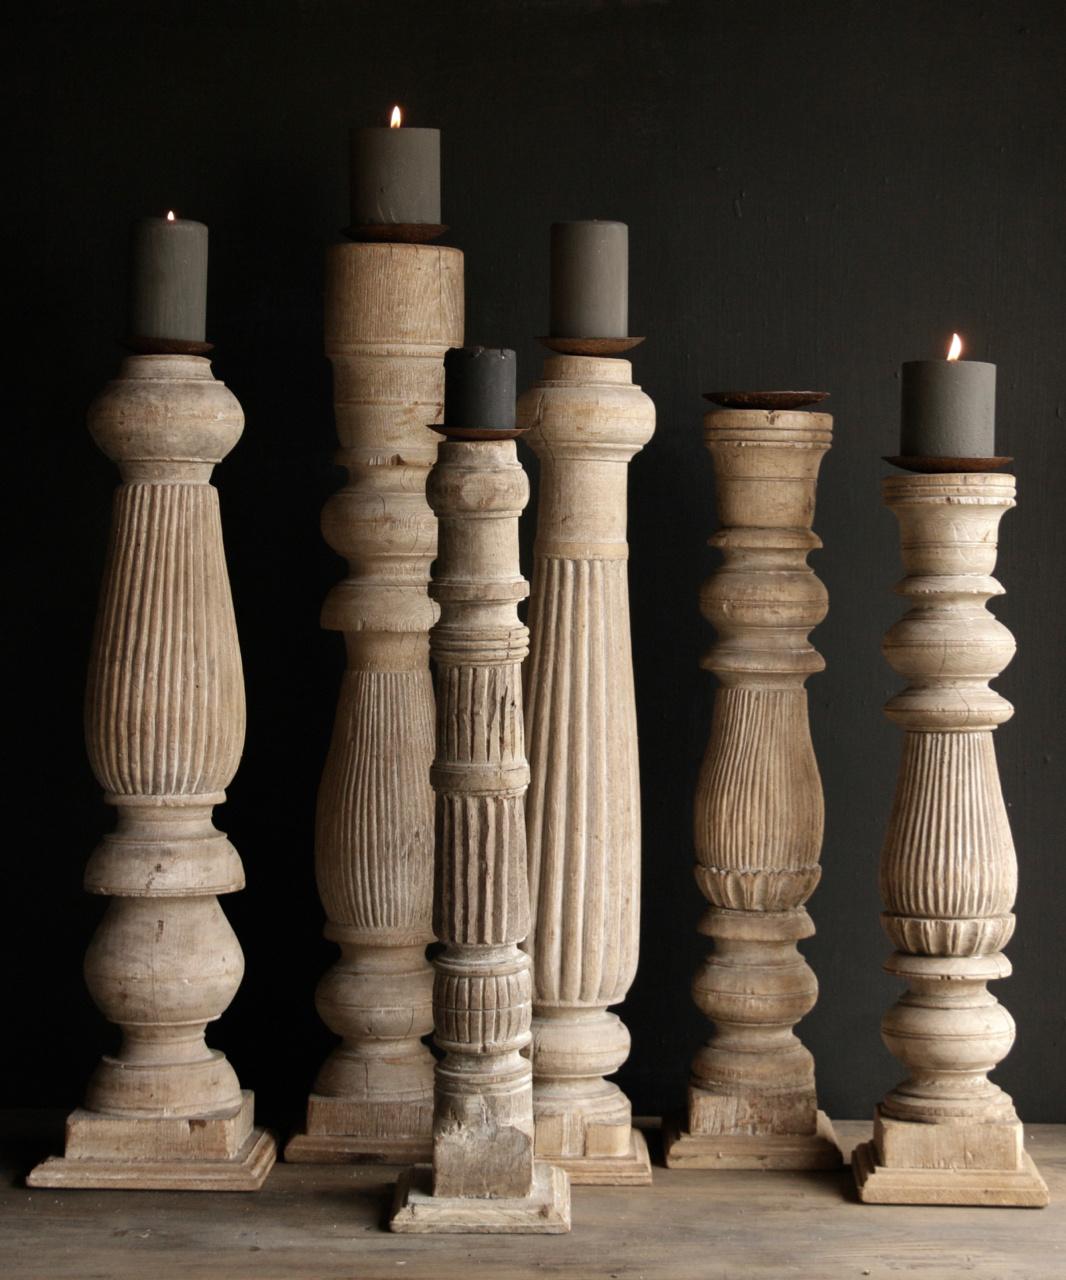 Oude Houten Tafelpoten.Deze Kandelaar Is Gemaakt Van Oude Houten Tafelpoten Afkomstig Uit Indie